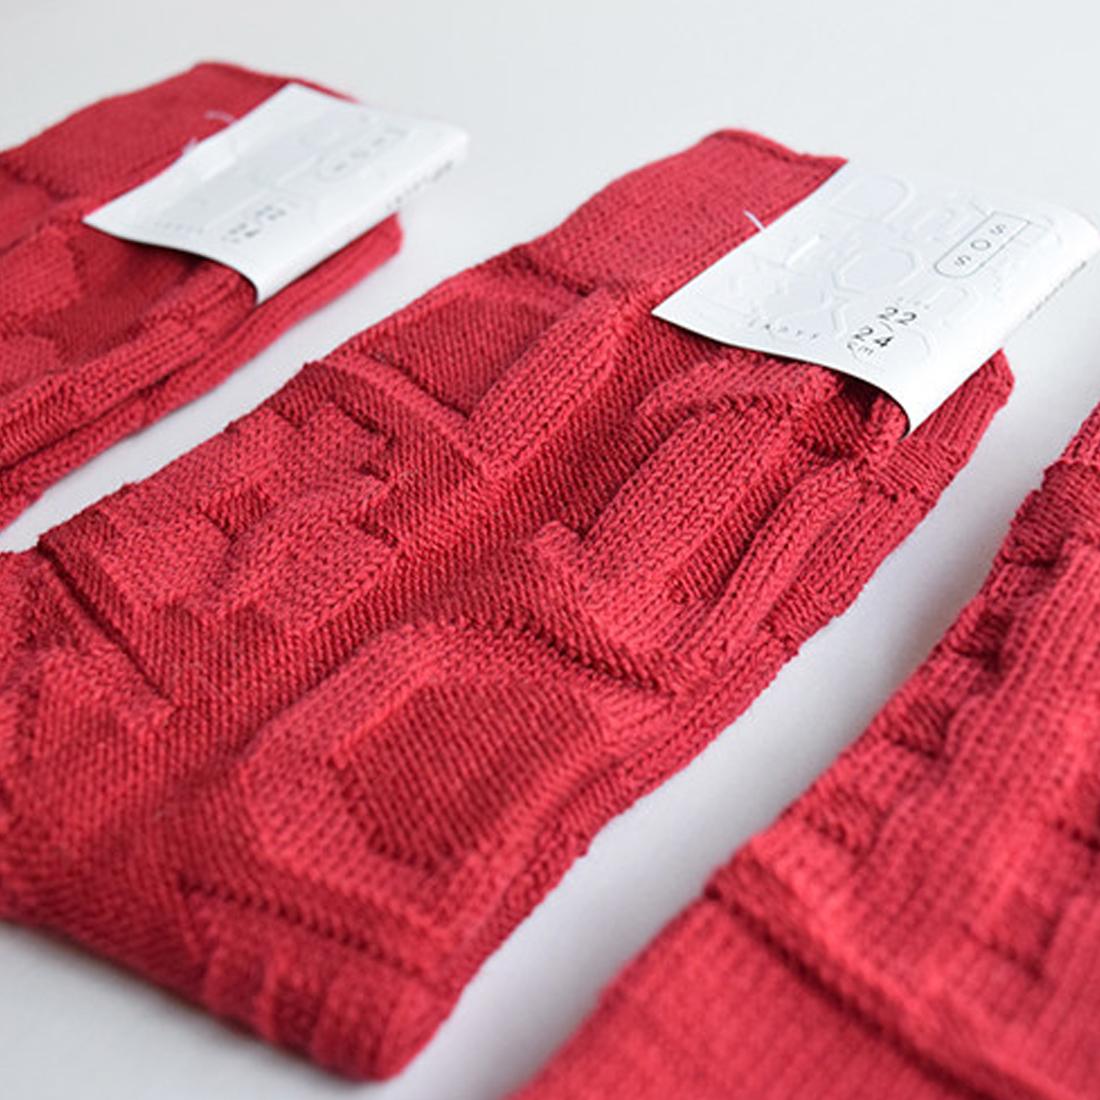 凸凹socks(RED)